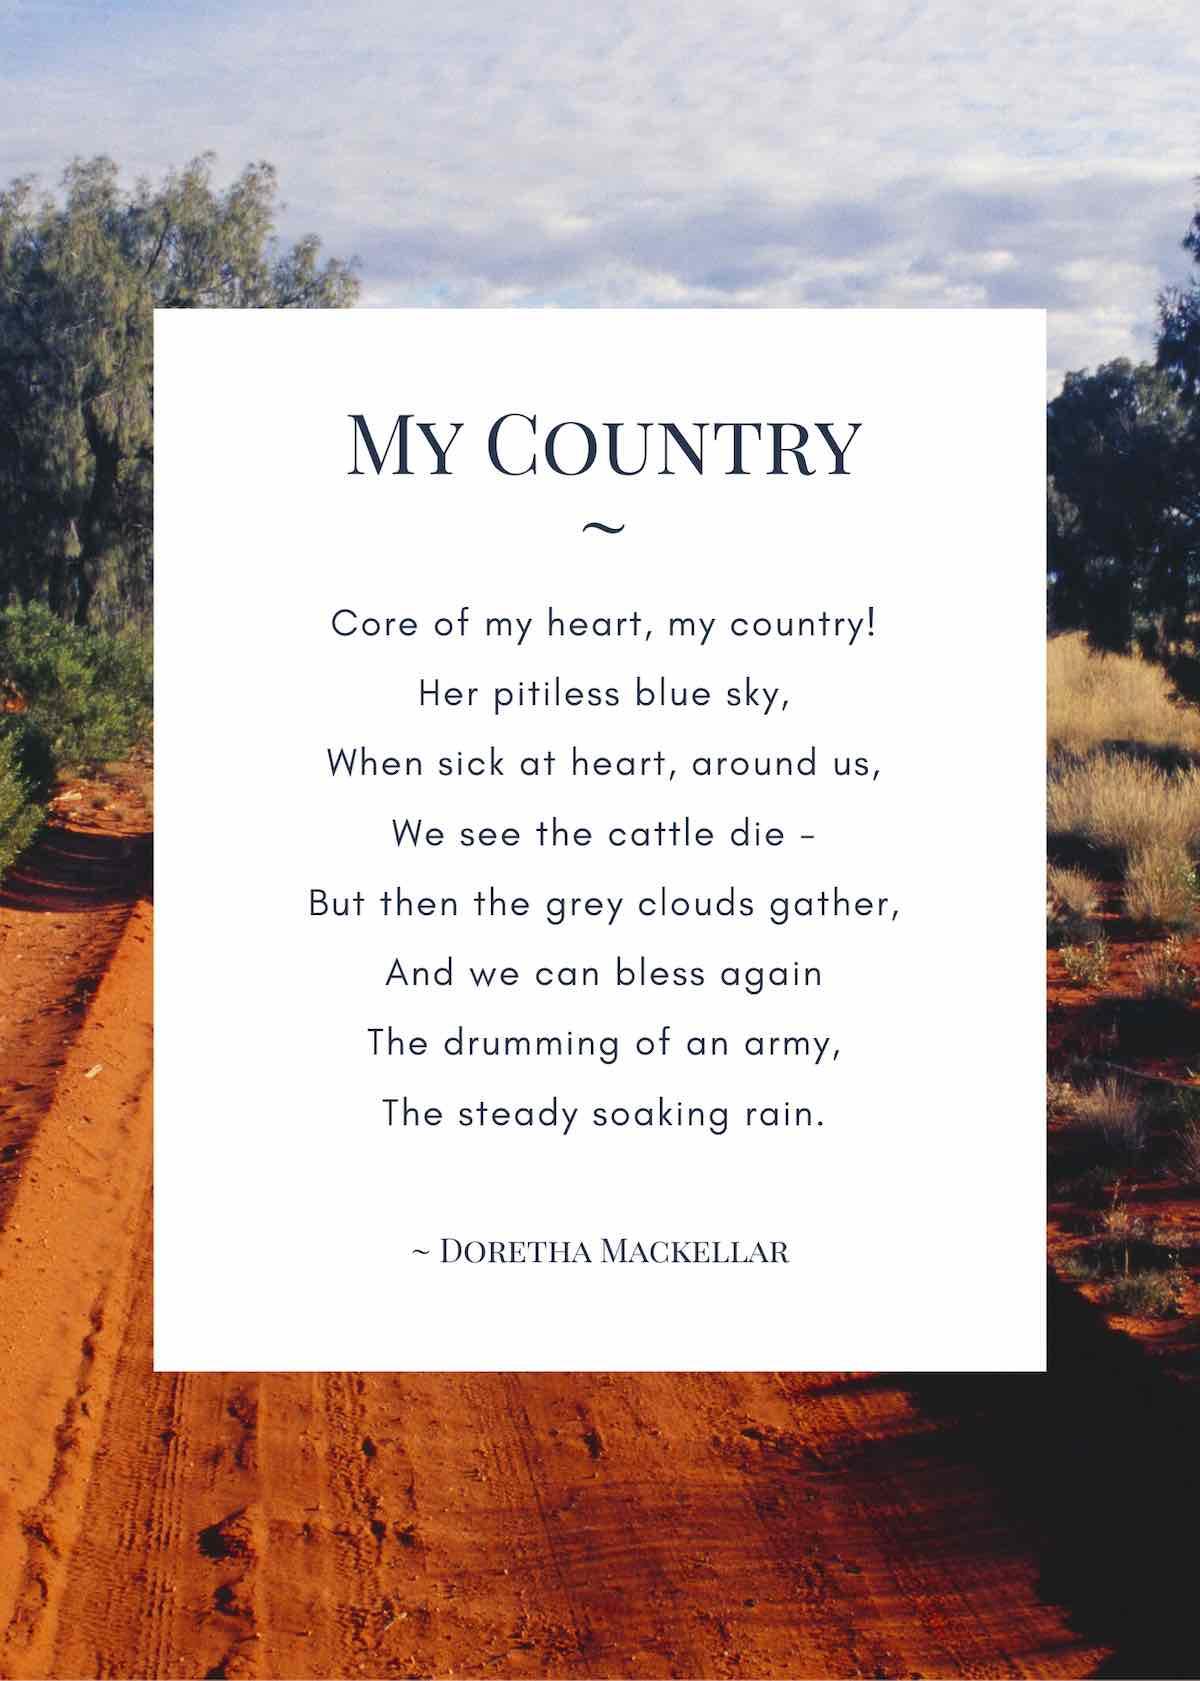 My country poem by Doretha Mackellar